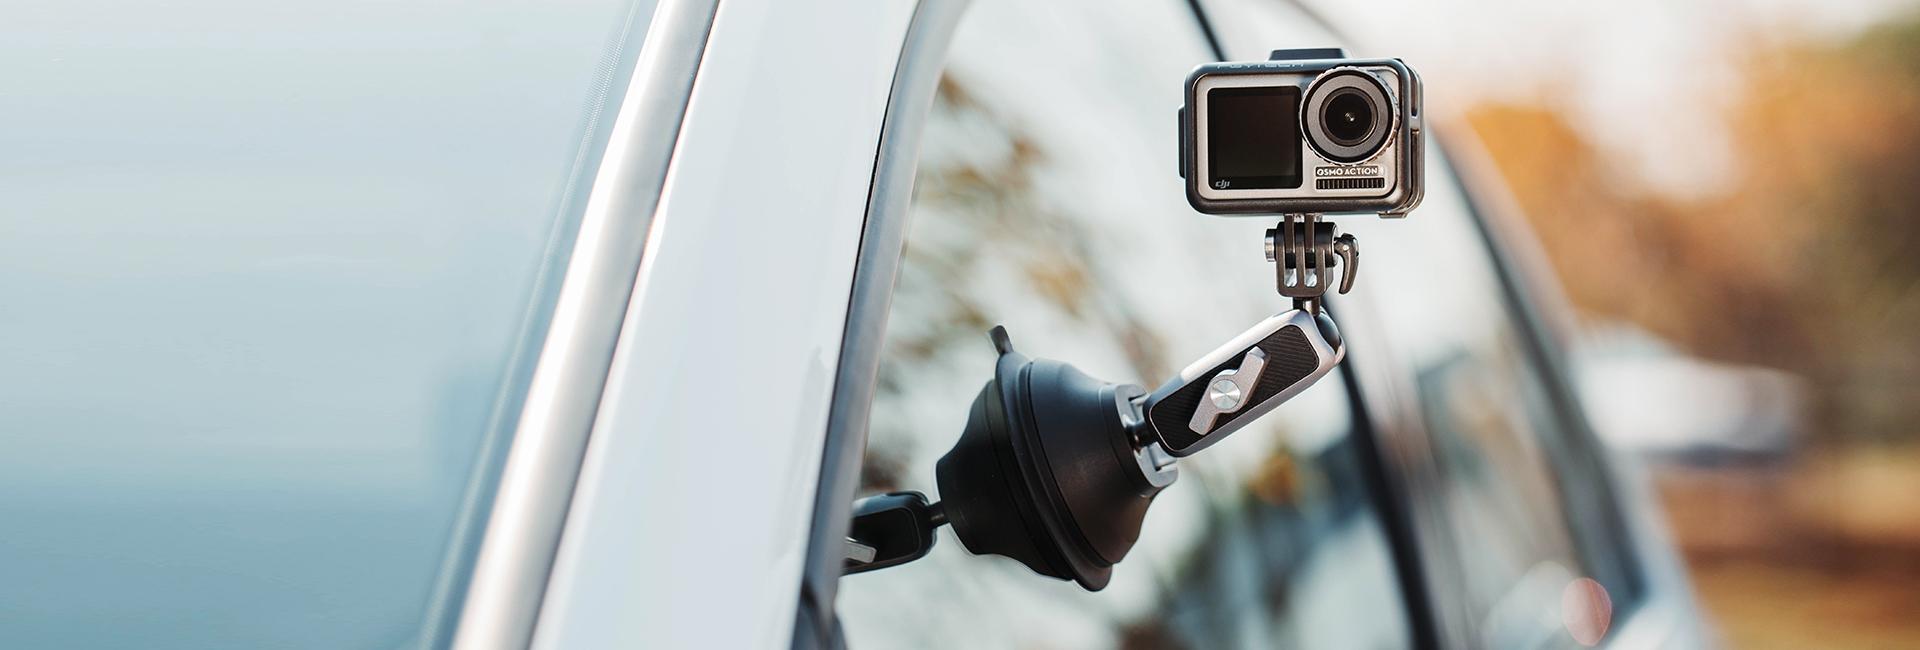 运动相机吸盘支架-海报